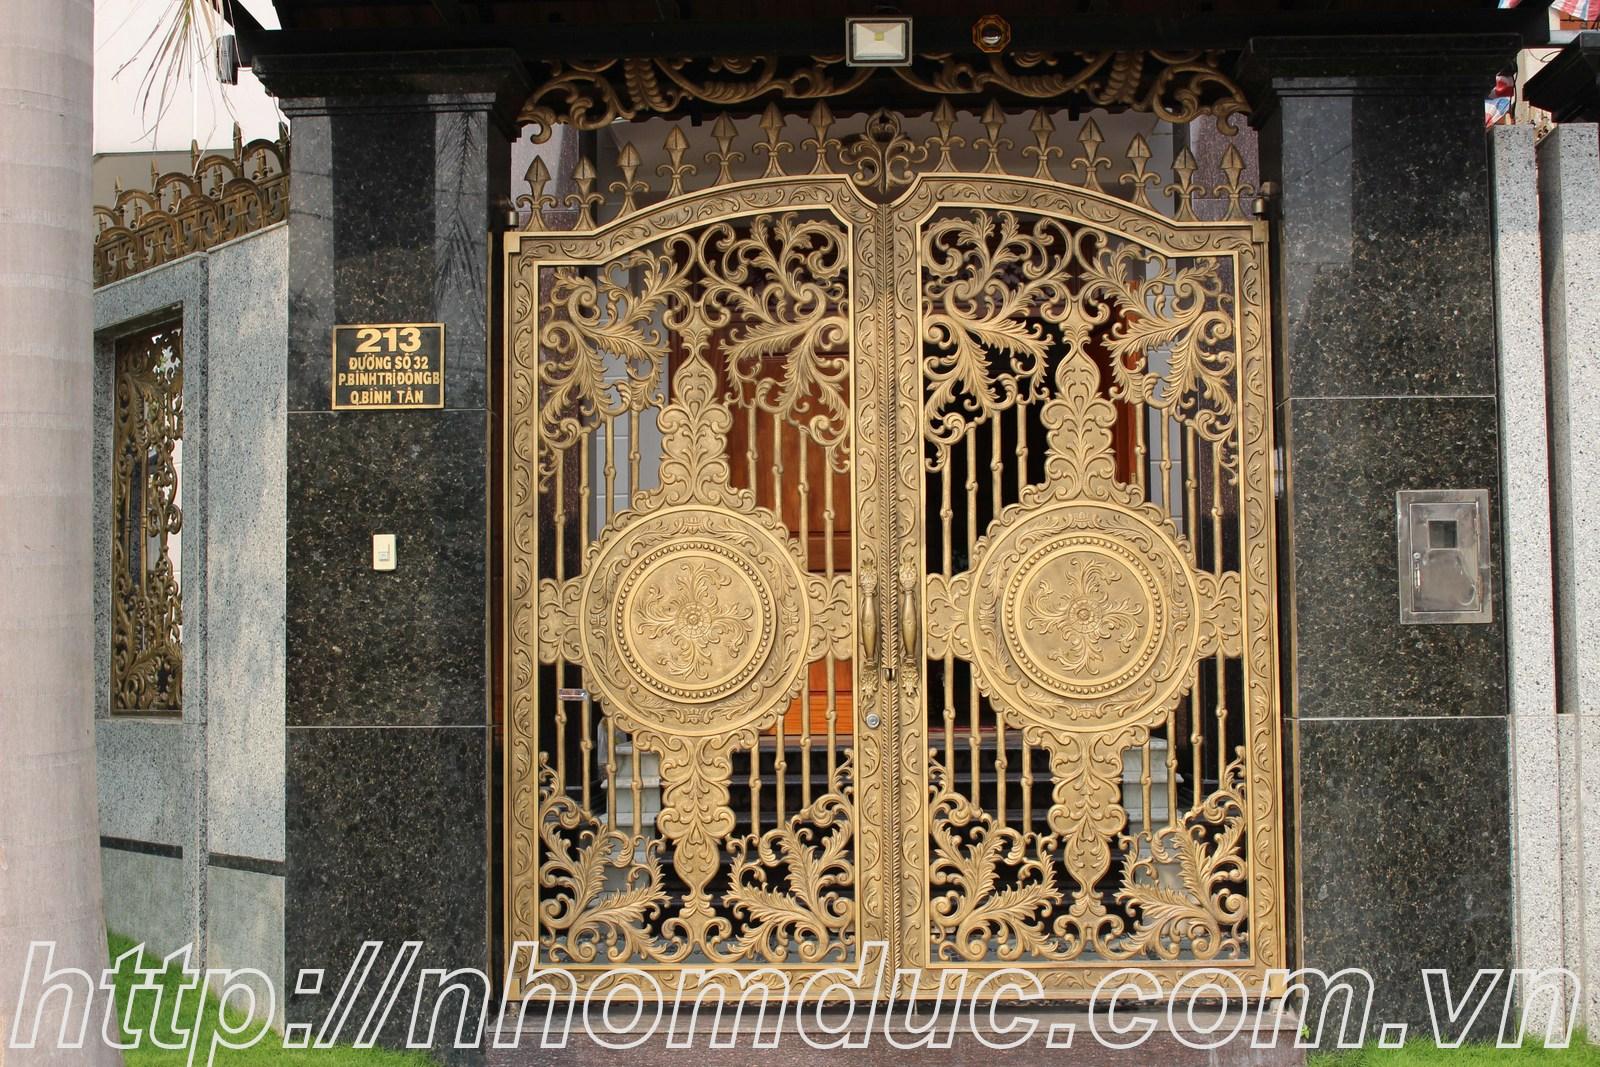 Công trình nhôm đúc tại thành phố Hồ Chí Minh